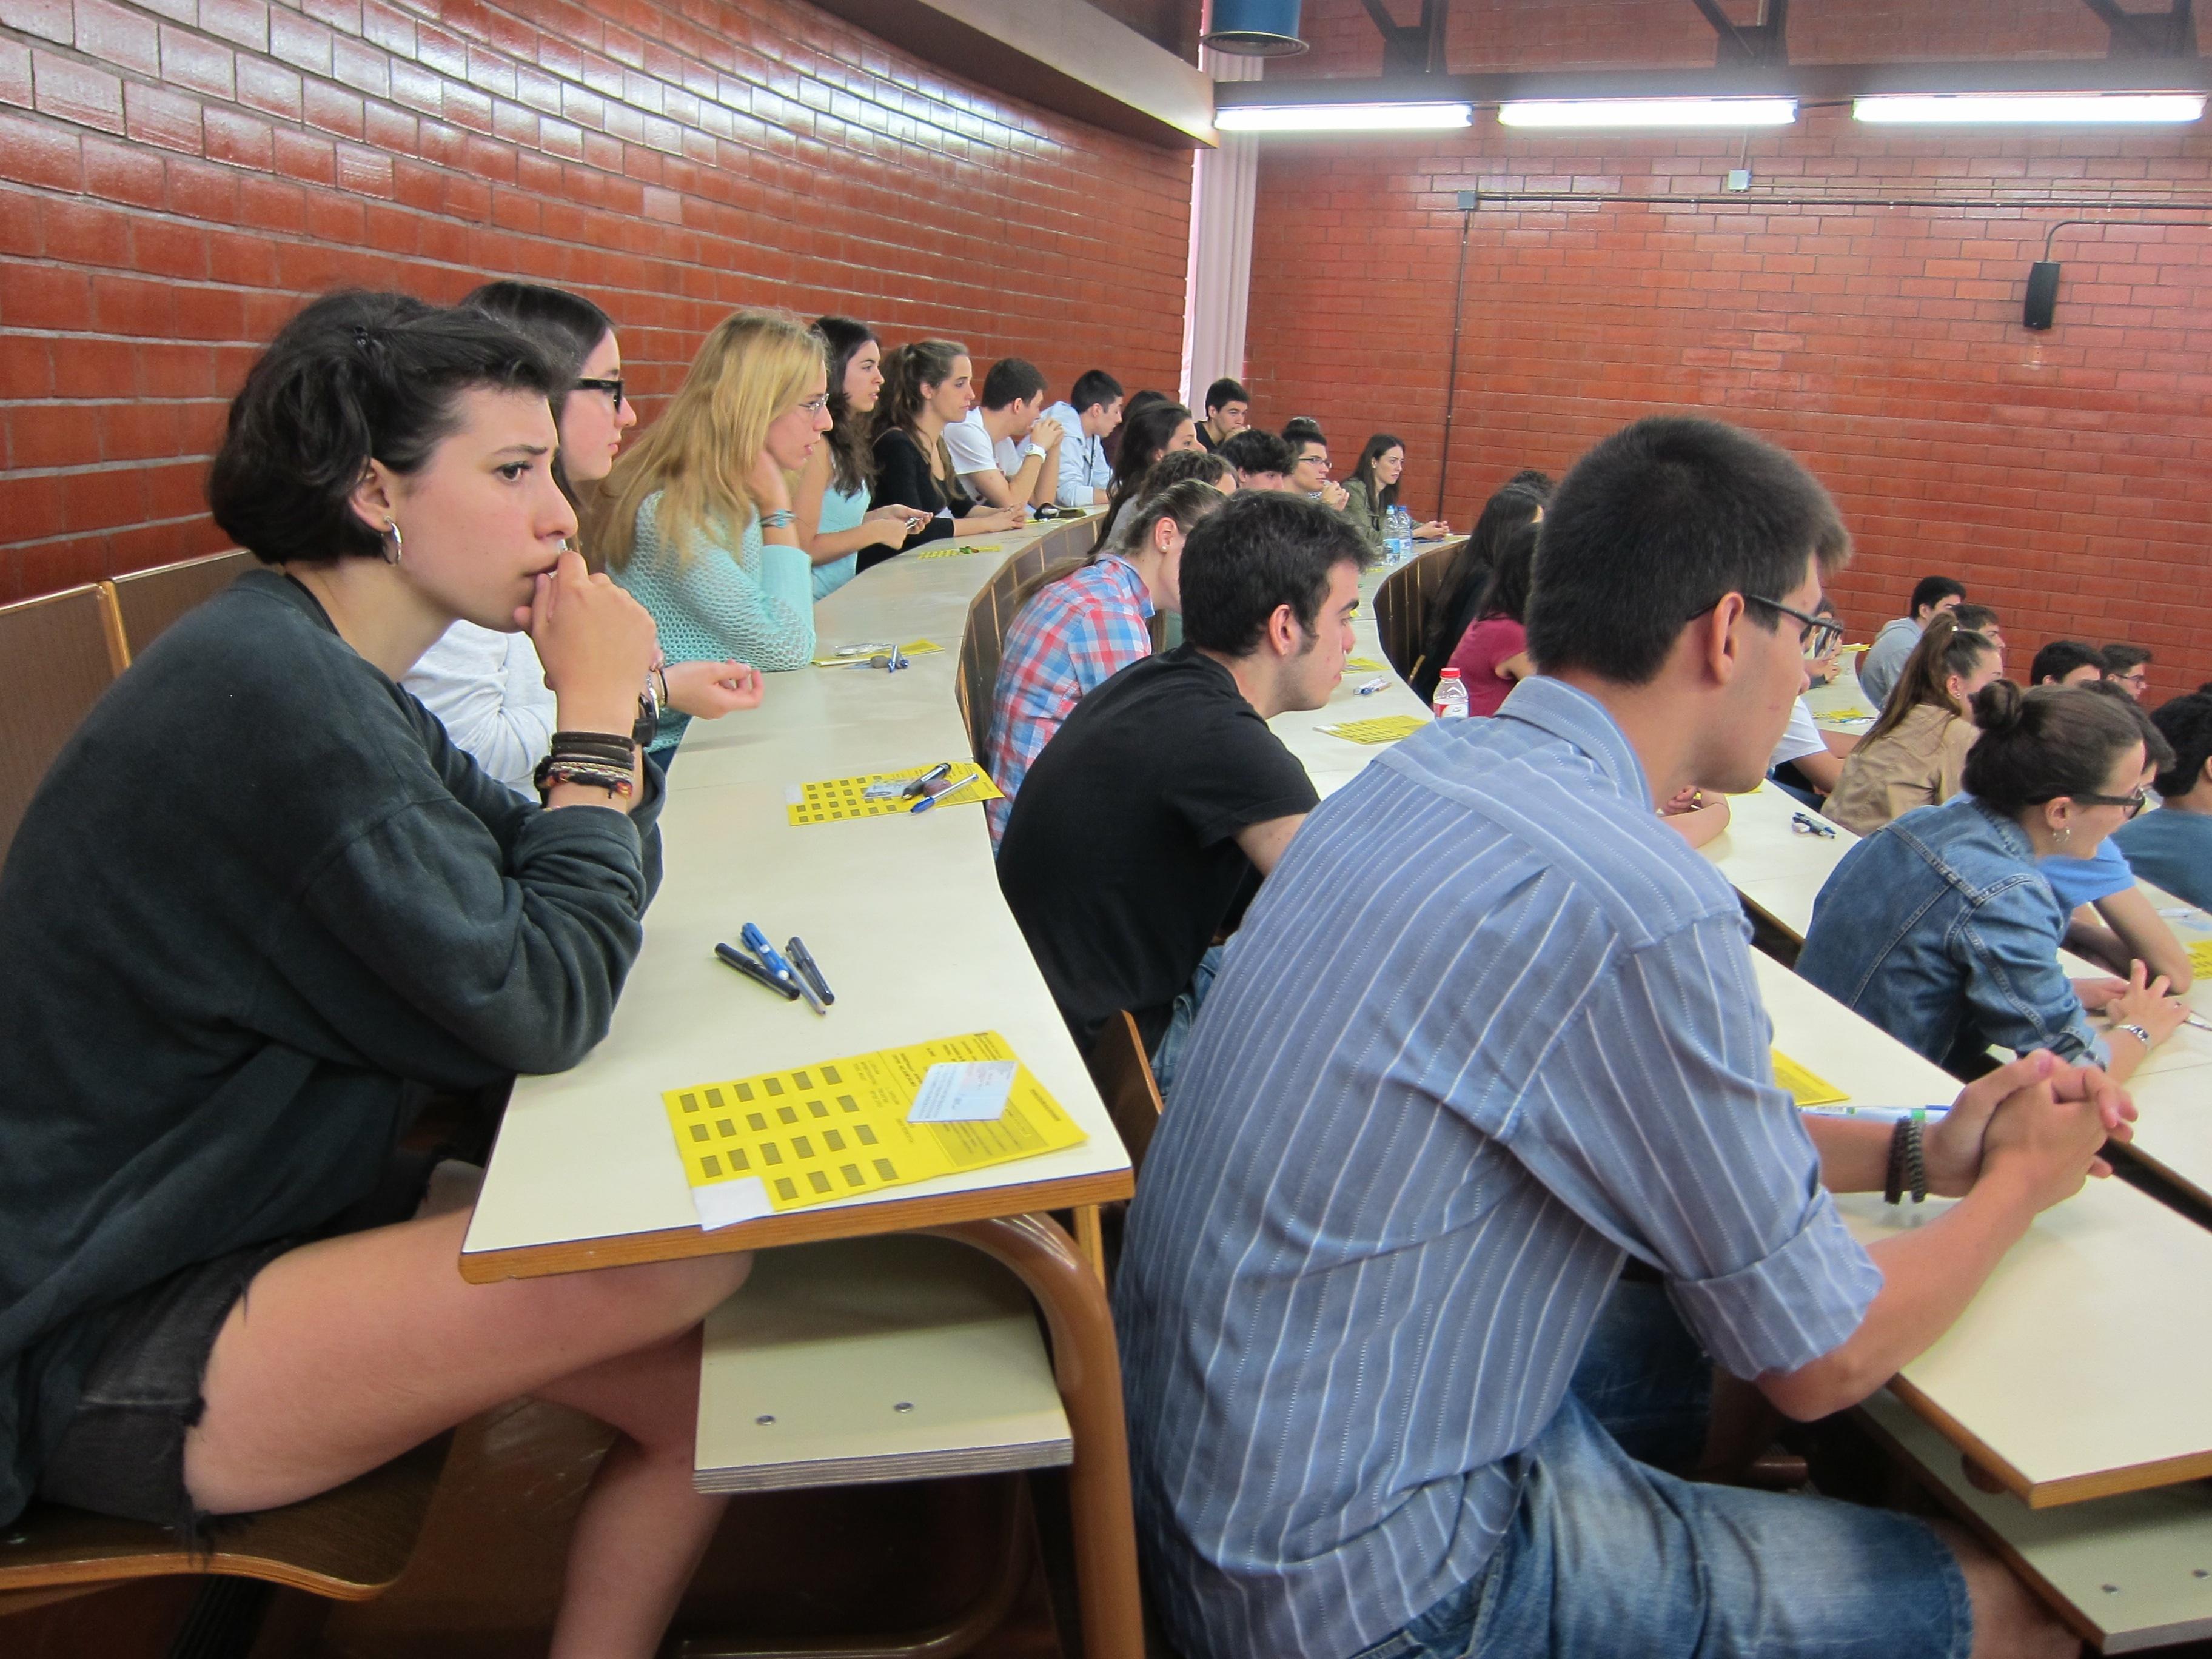 El 97,1% de los 1.032 alumnos de Enseñanzas Medias aprueba la selectividad en el distrito universitario de La Rioja